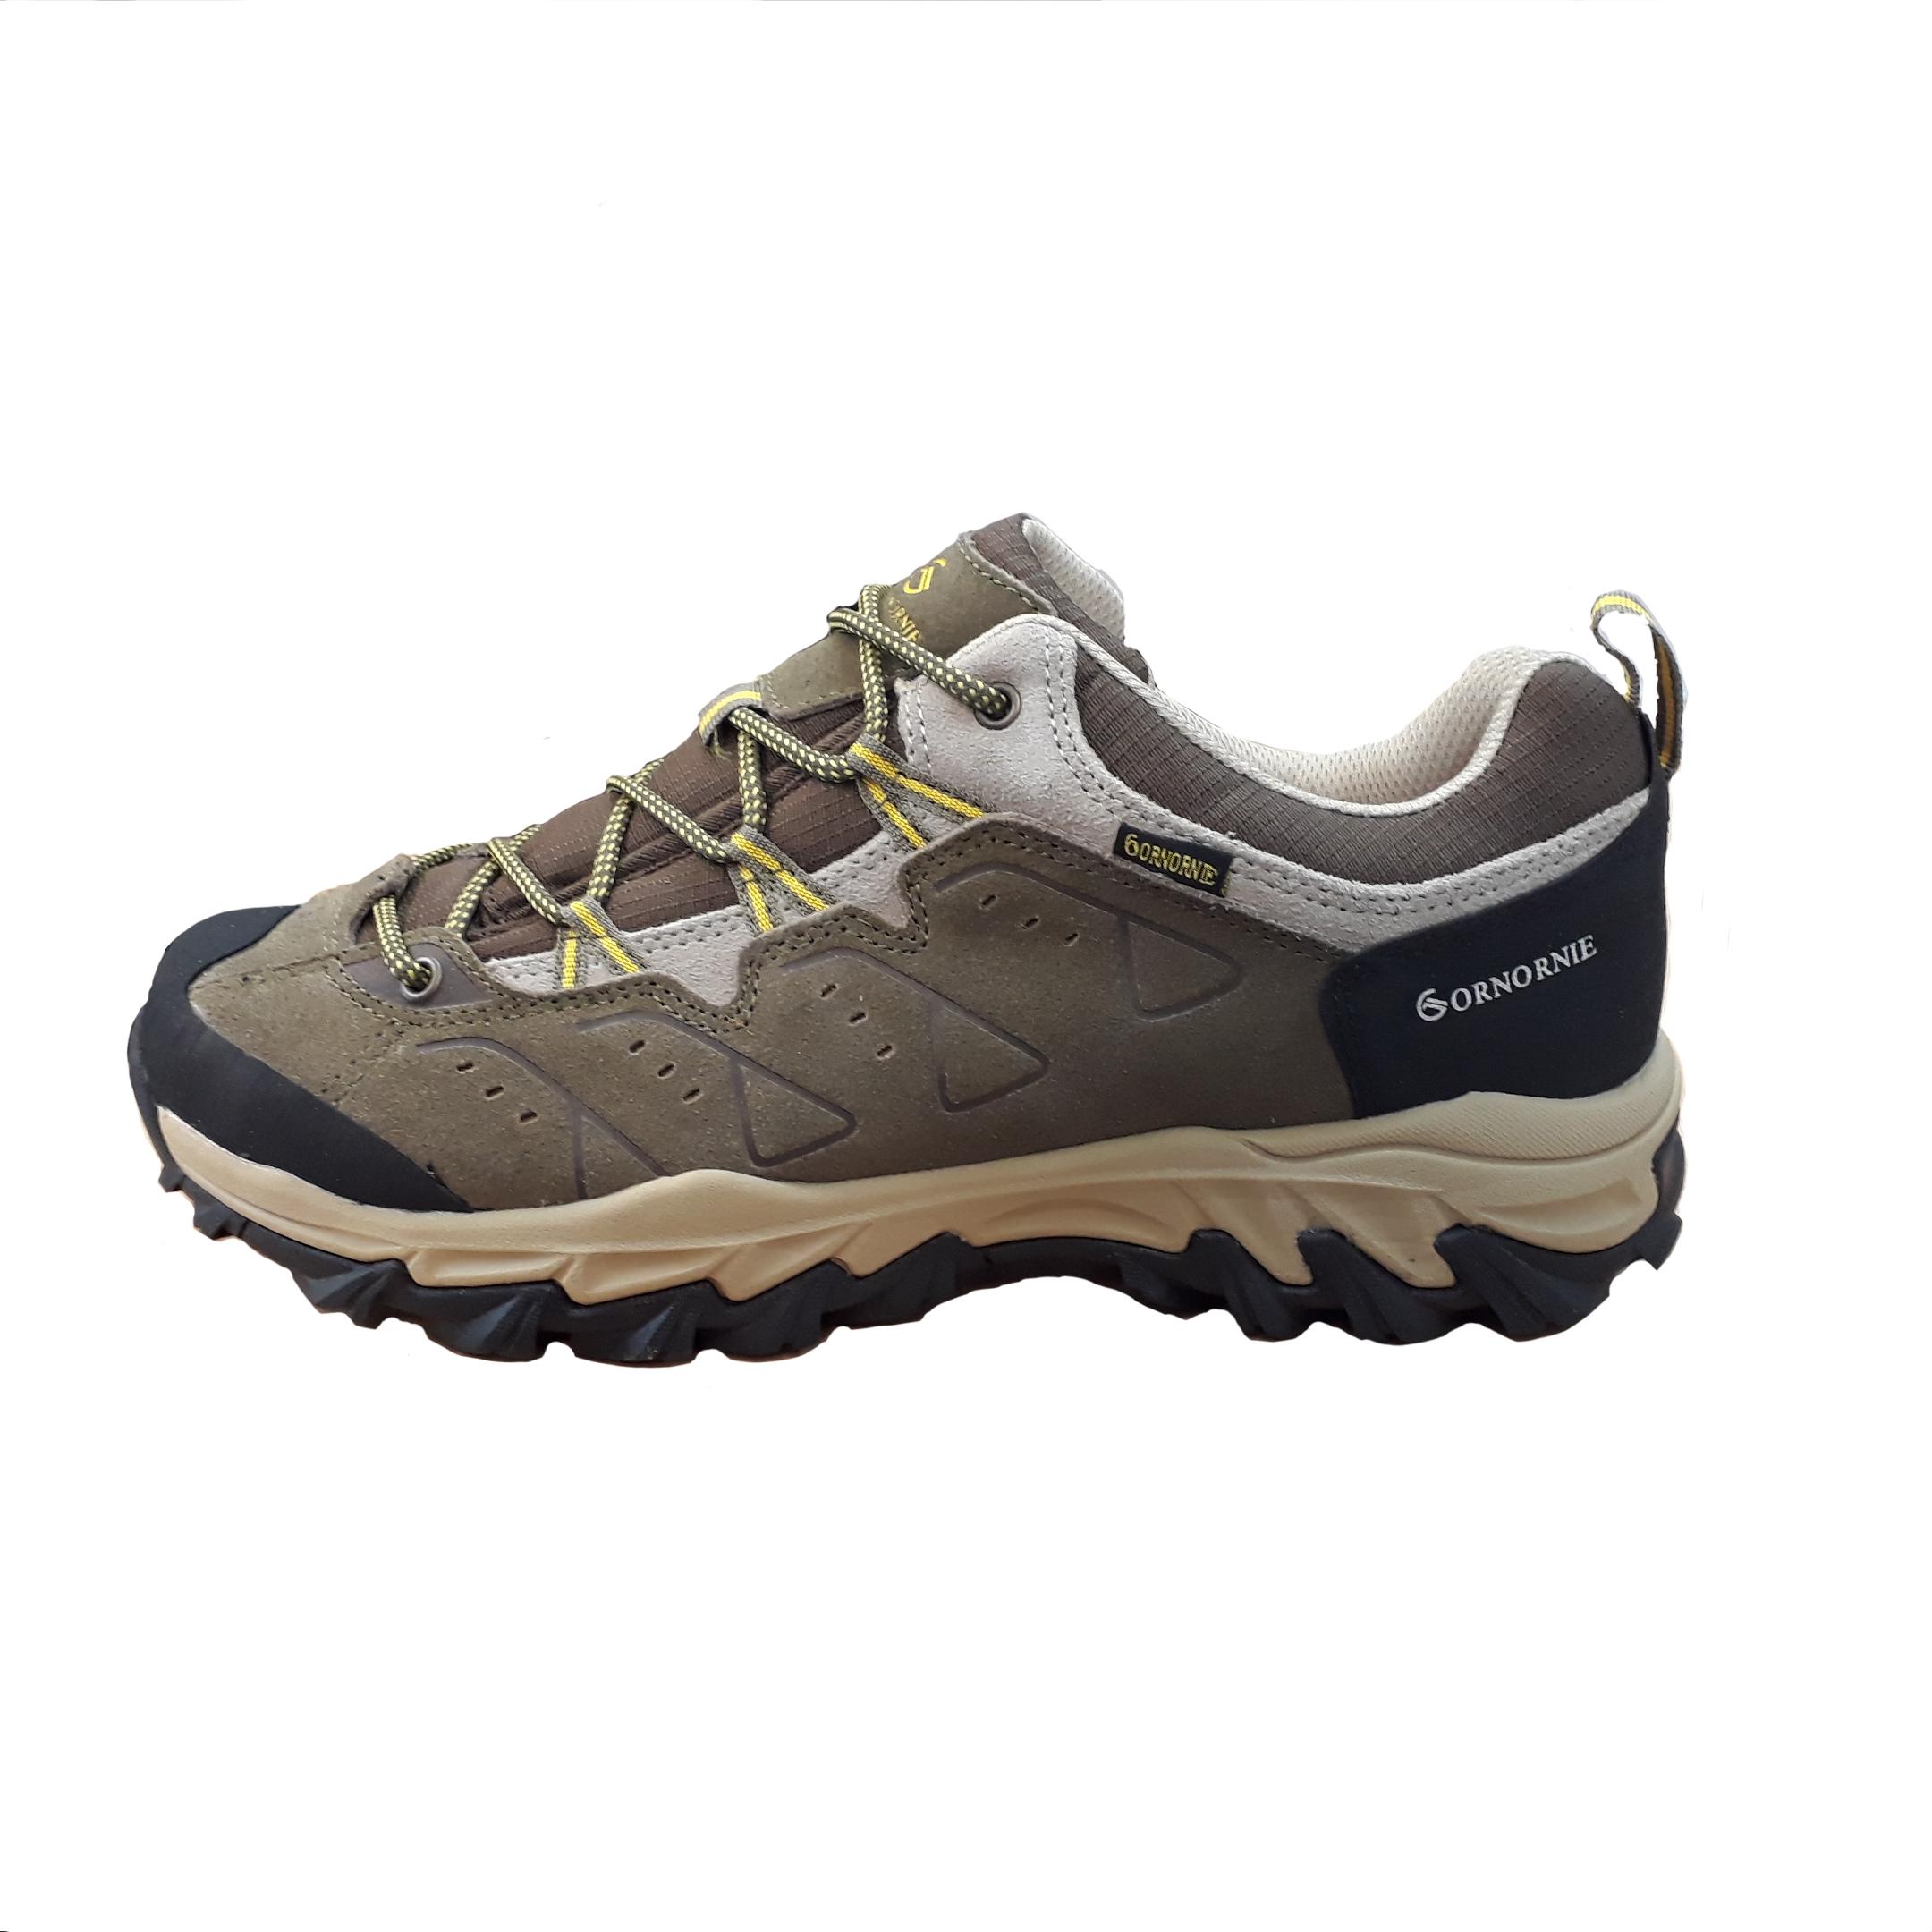 قیمت کفش مخصوص کوهنوردی مردانه مدل  ornornie 1